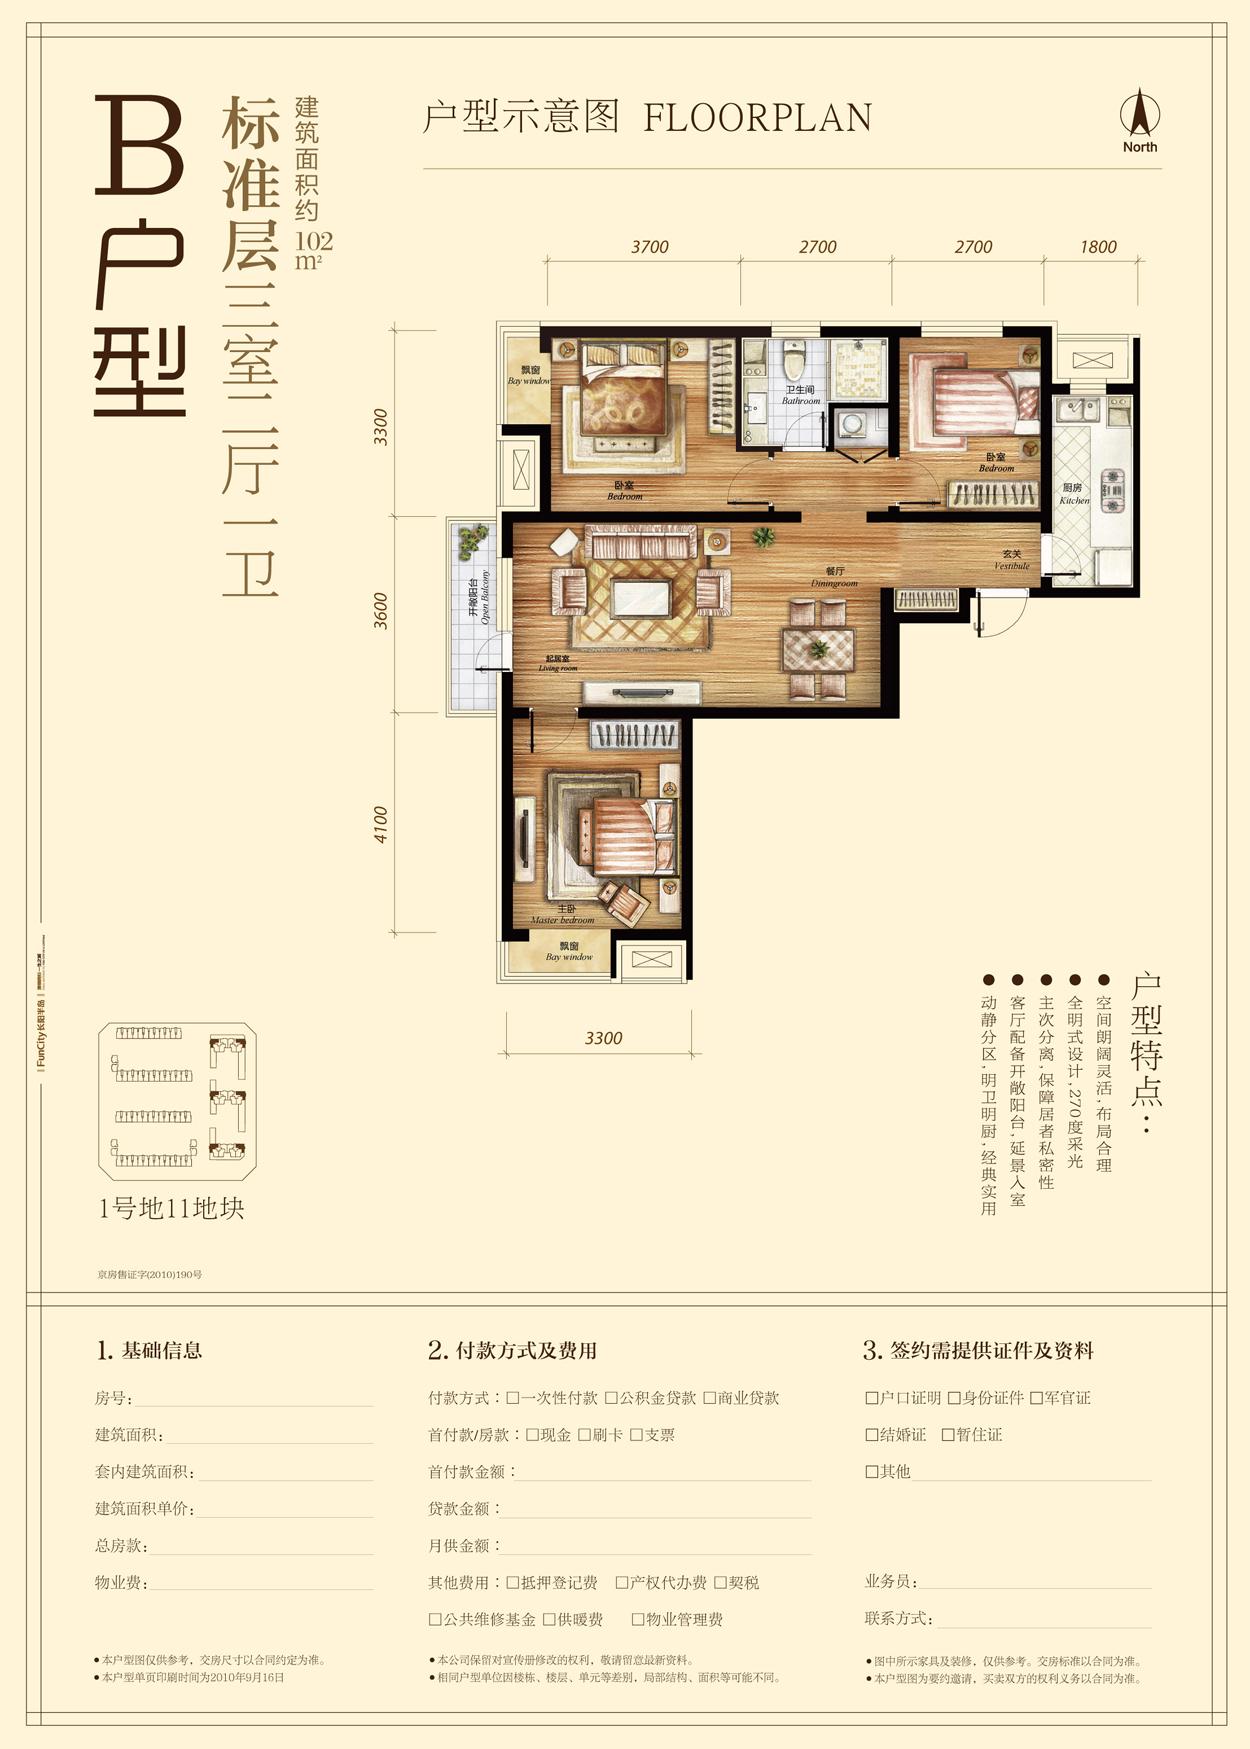 中粮万科·长阳半岛9月新浪乐居网络摇号_新浪房产